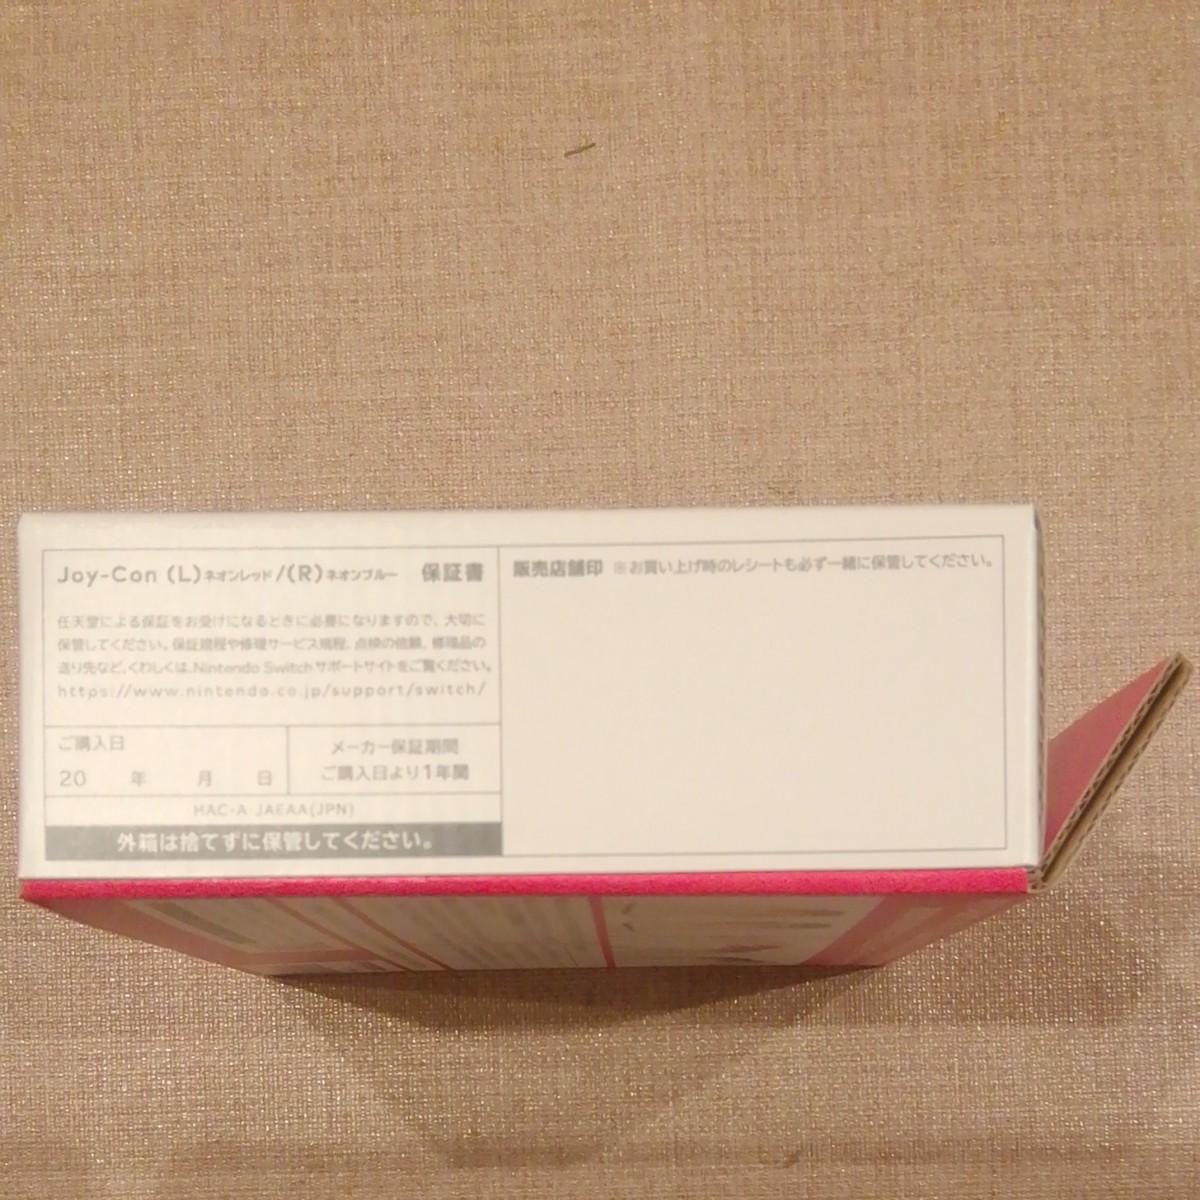 新品未使用Nintendo Switch Joy-Con (L) ブルー レッド ジョイコン  任天堂 ニンテンドースイッチ